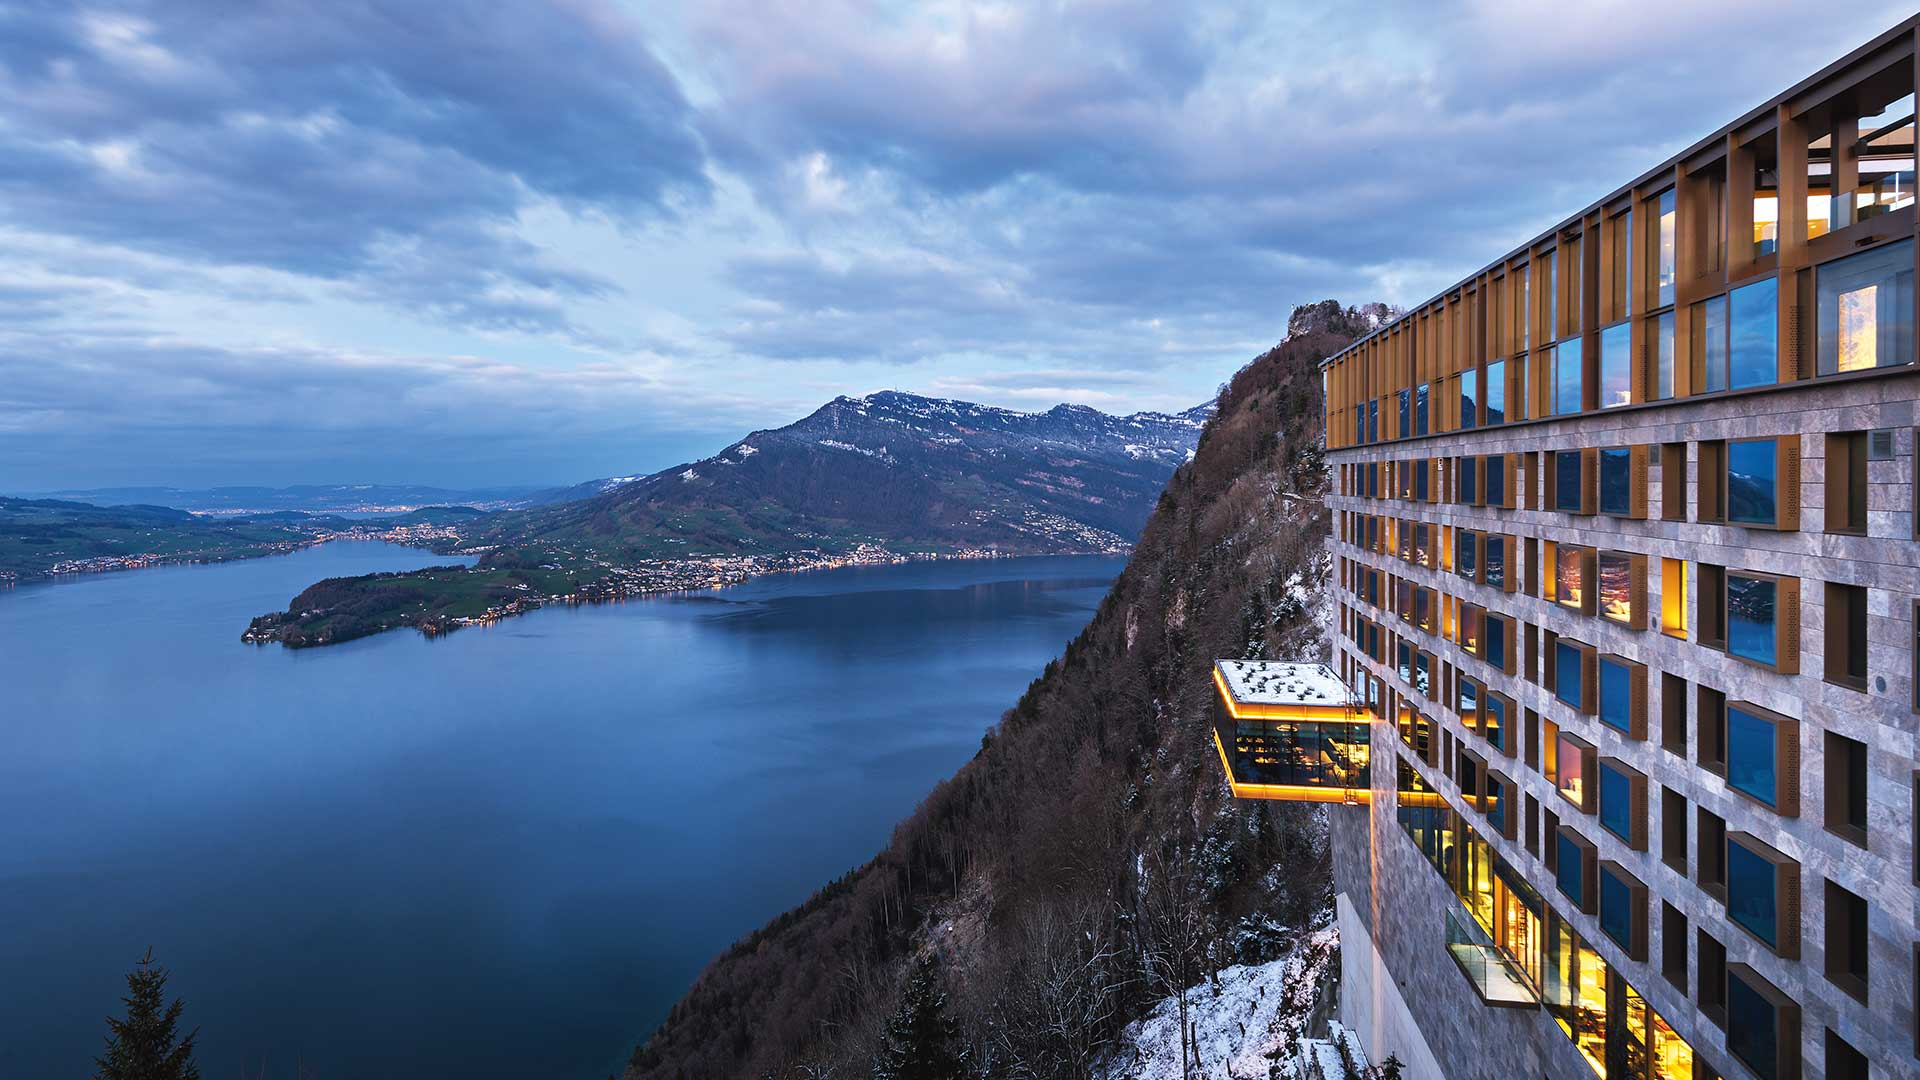 Hotel Bürgenstock - Lucerna